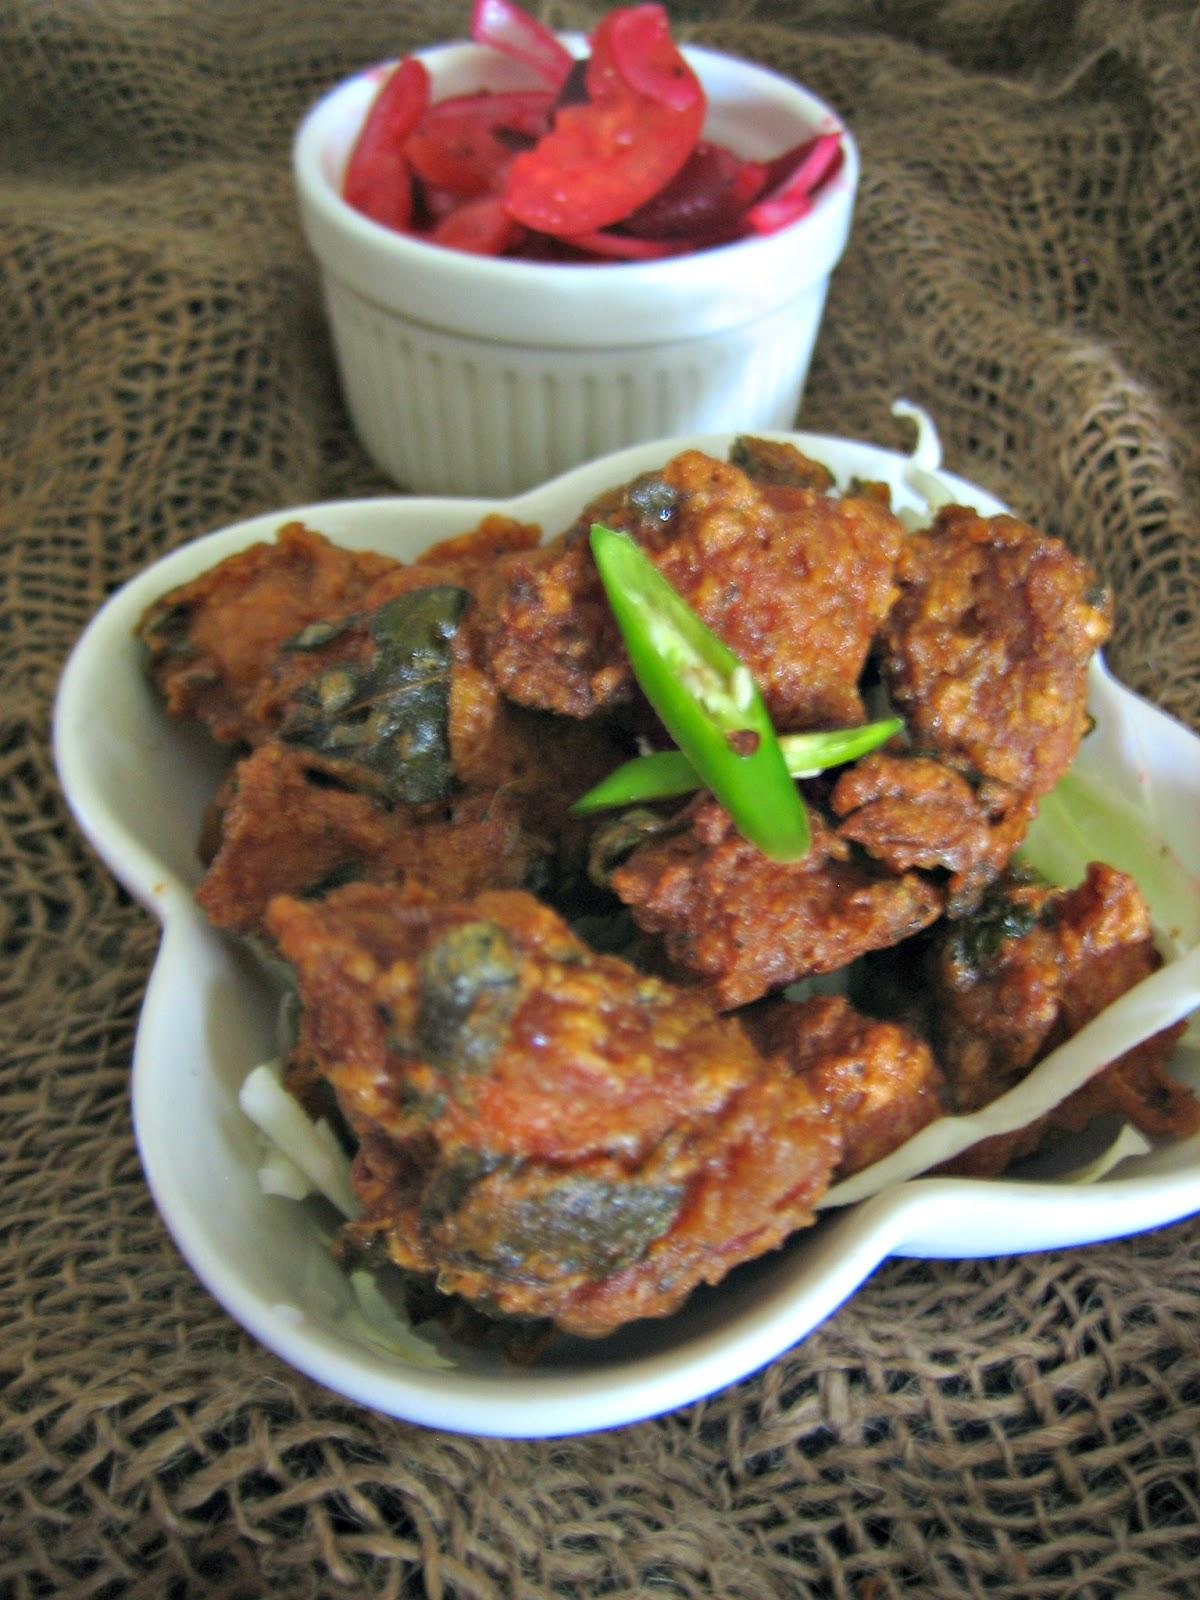 restaurant style chicken65 4